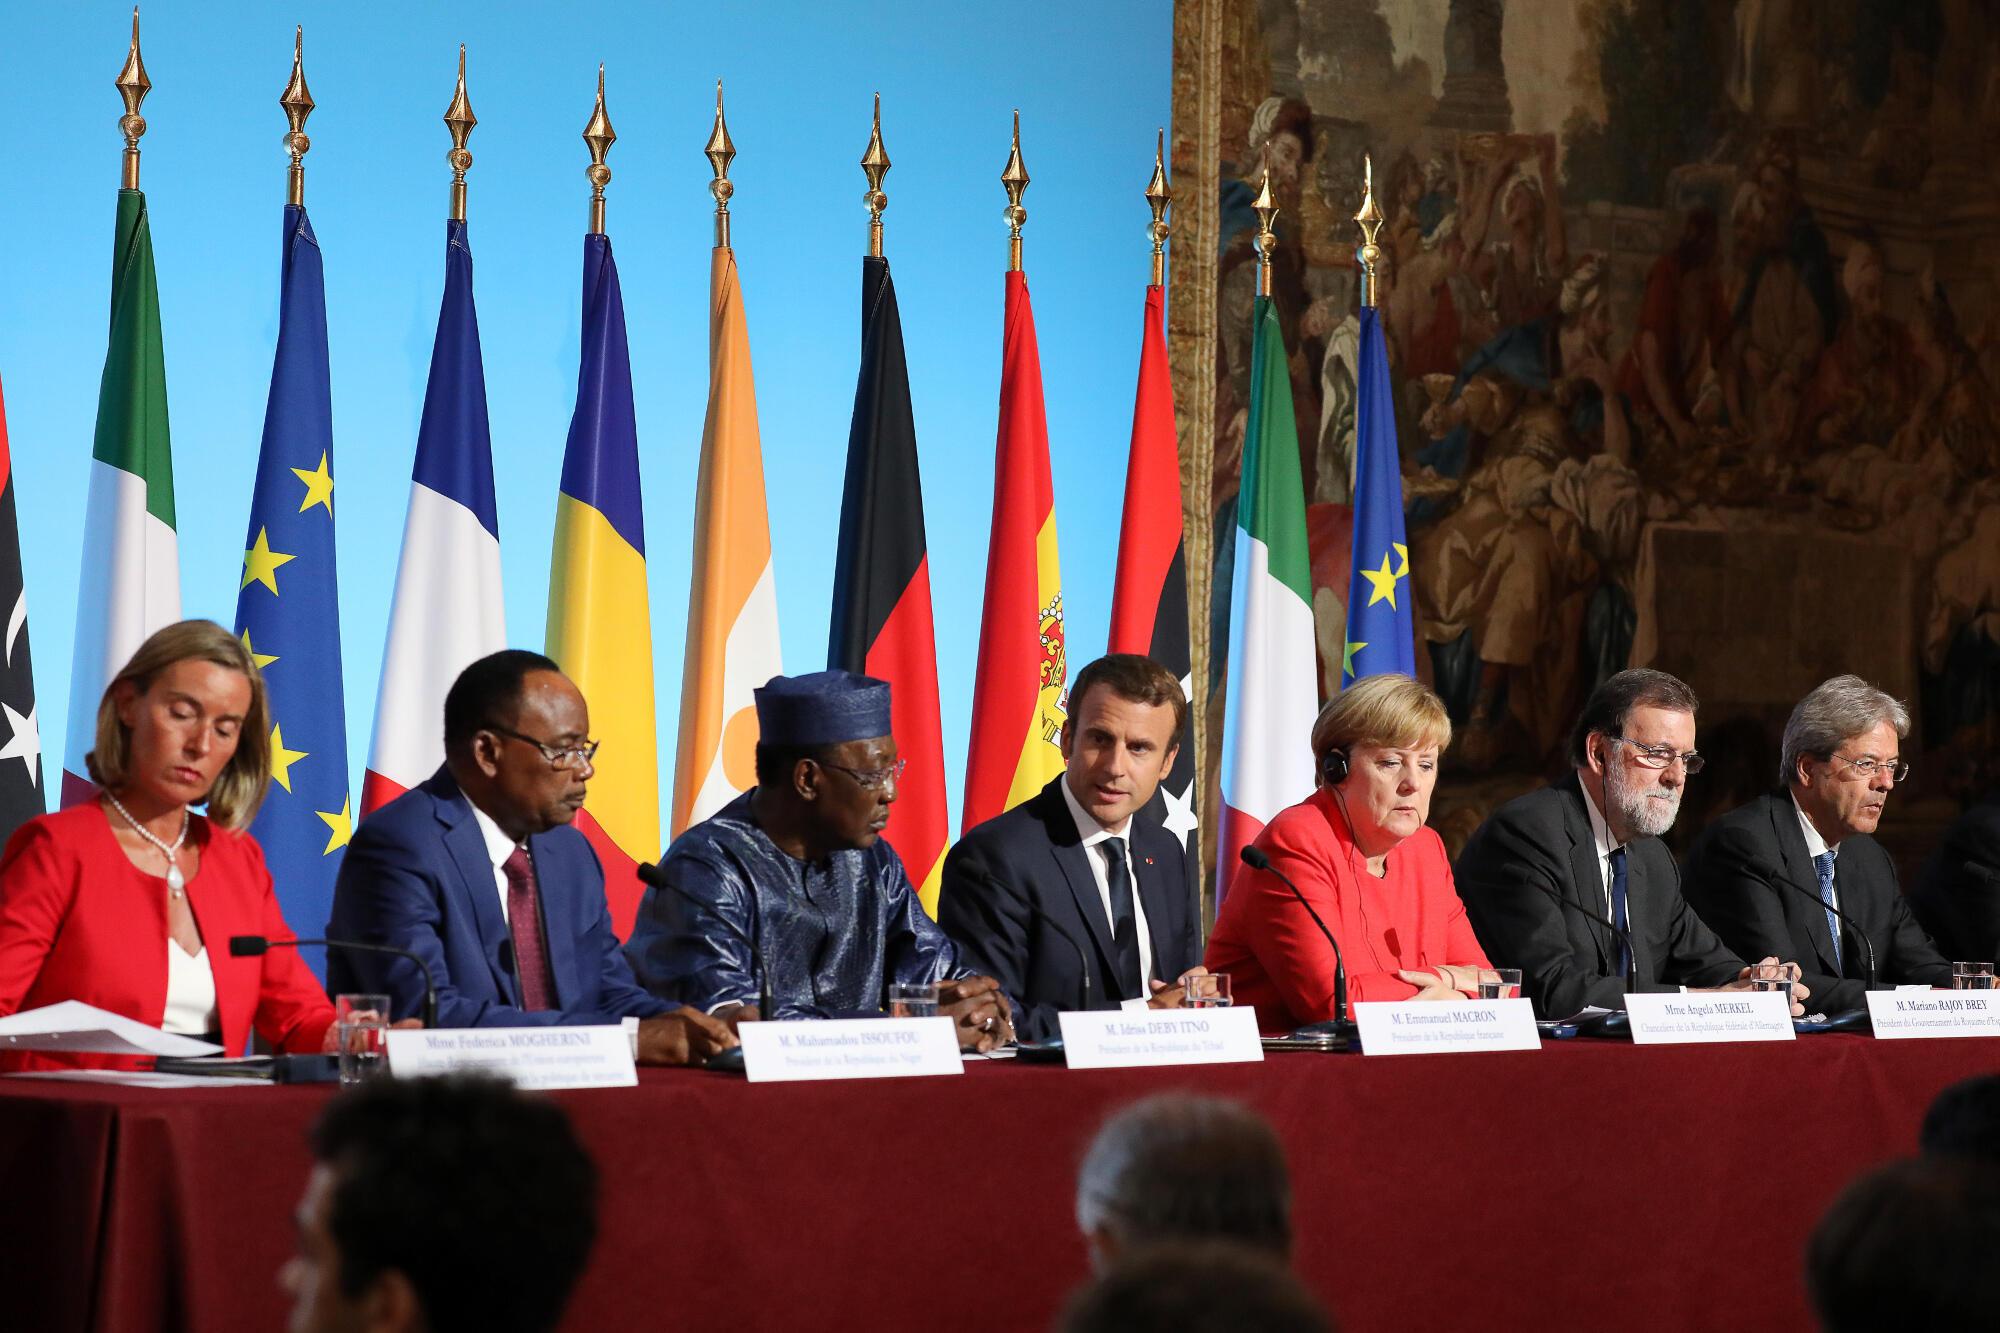 Mkuu wa Mashauri ya Kigeni ya Ulaya Federica Mogherini, Marais wa Nigeria Mahamadou Issoufou, wa Chad Idriss Deby, wa ufaransa Emmanuel Macron, wa Ujerumani Kansela Angela Merkel na Waziri Mkuu wa Uhispania Mariano Rajoy, mjini Paris tarehe 28 Agosti.